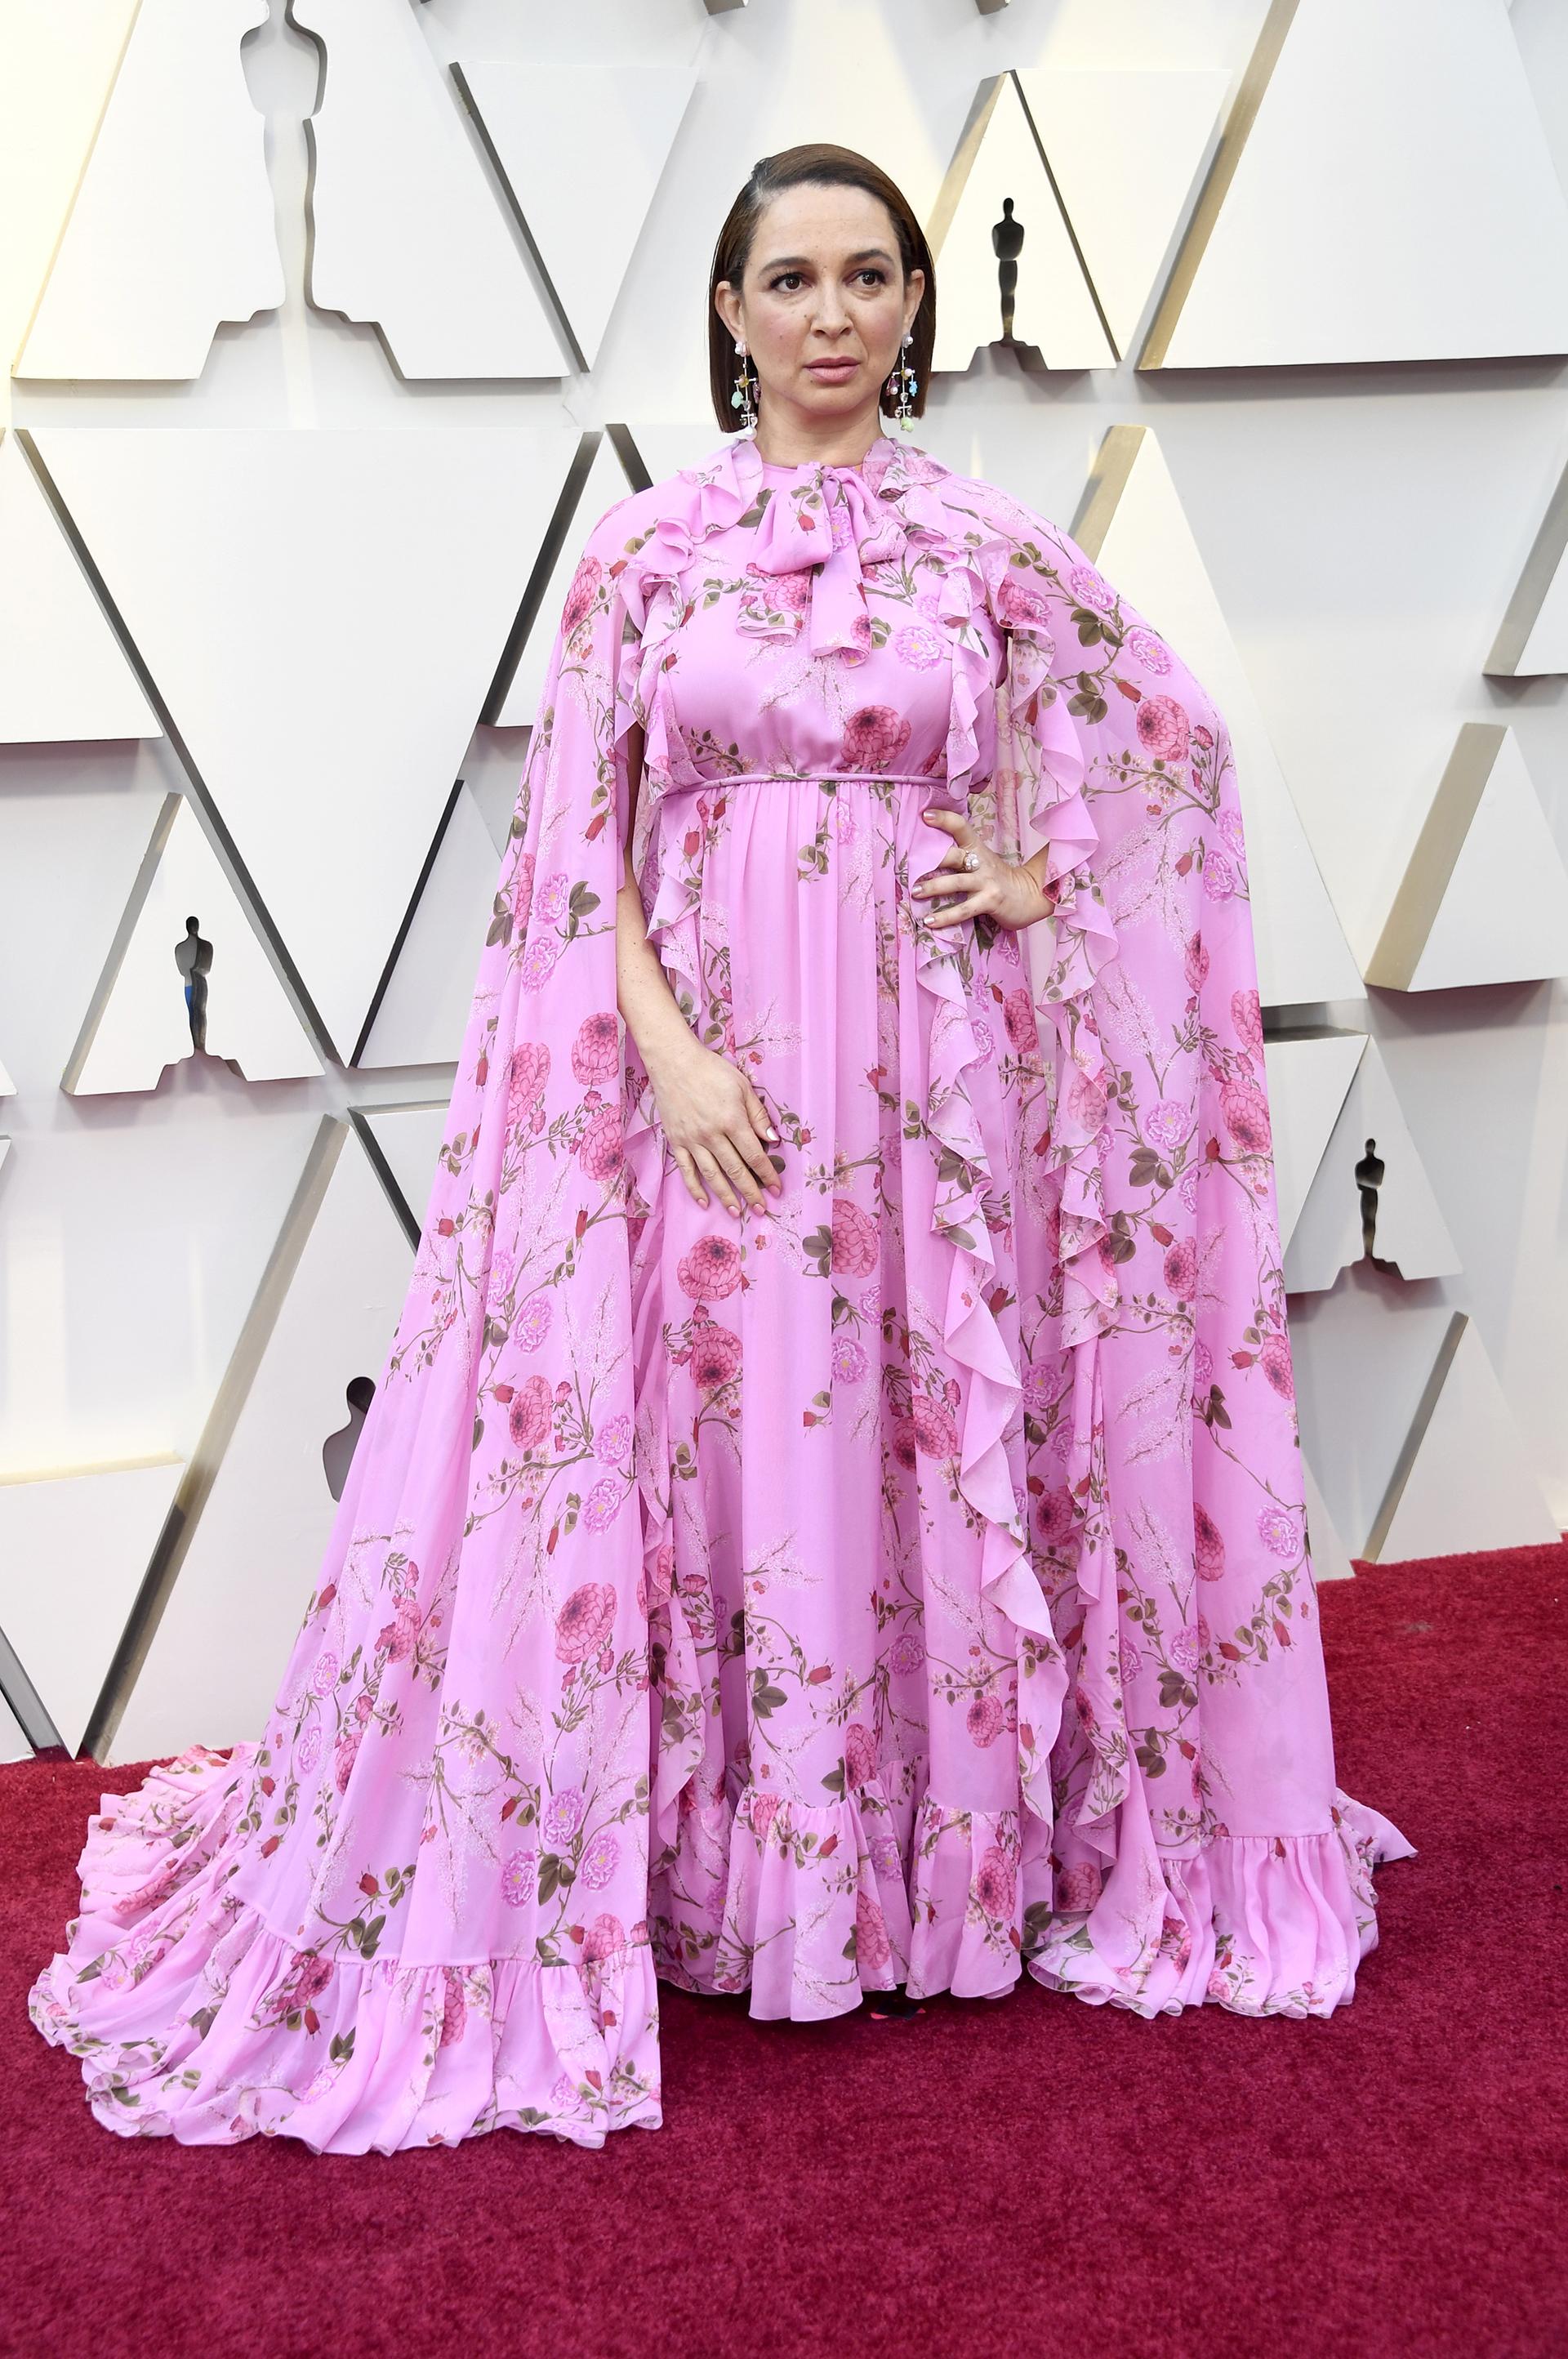 La actriz Maya Rudolphlució un vestido floreado con cuello alto y capa. Los volados también fueron protagonistas